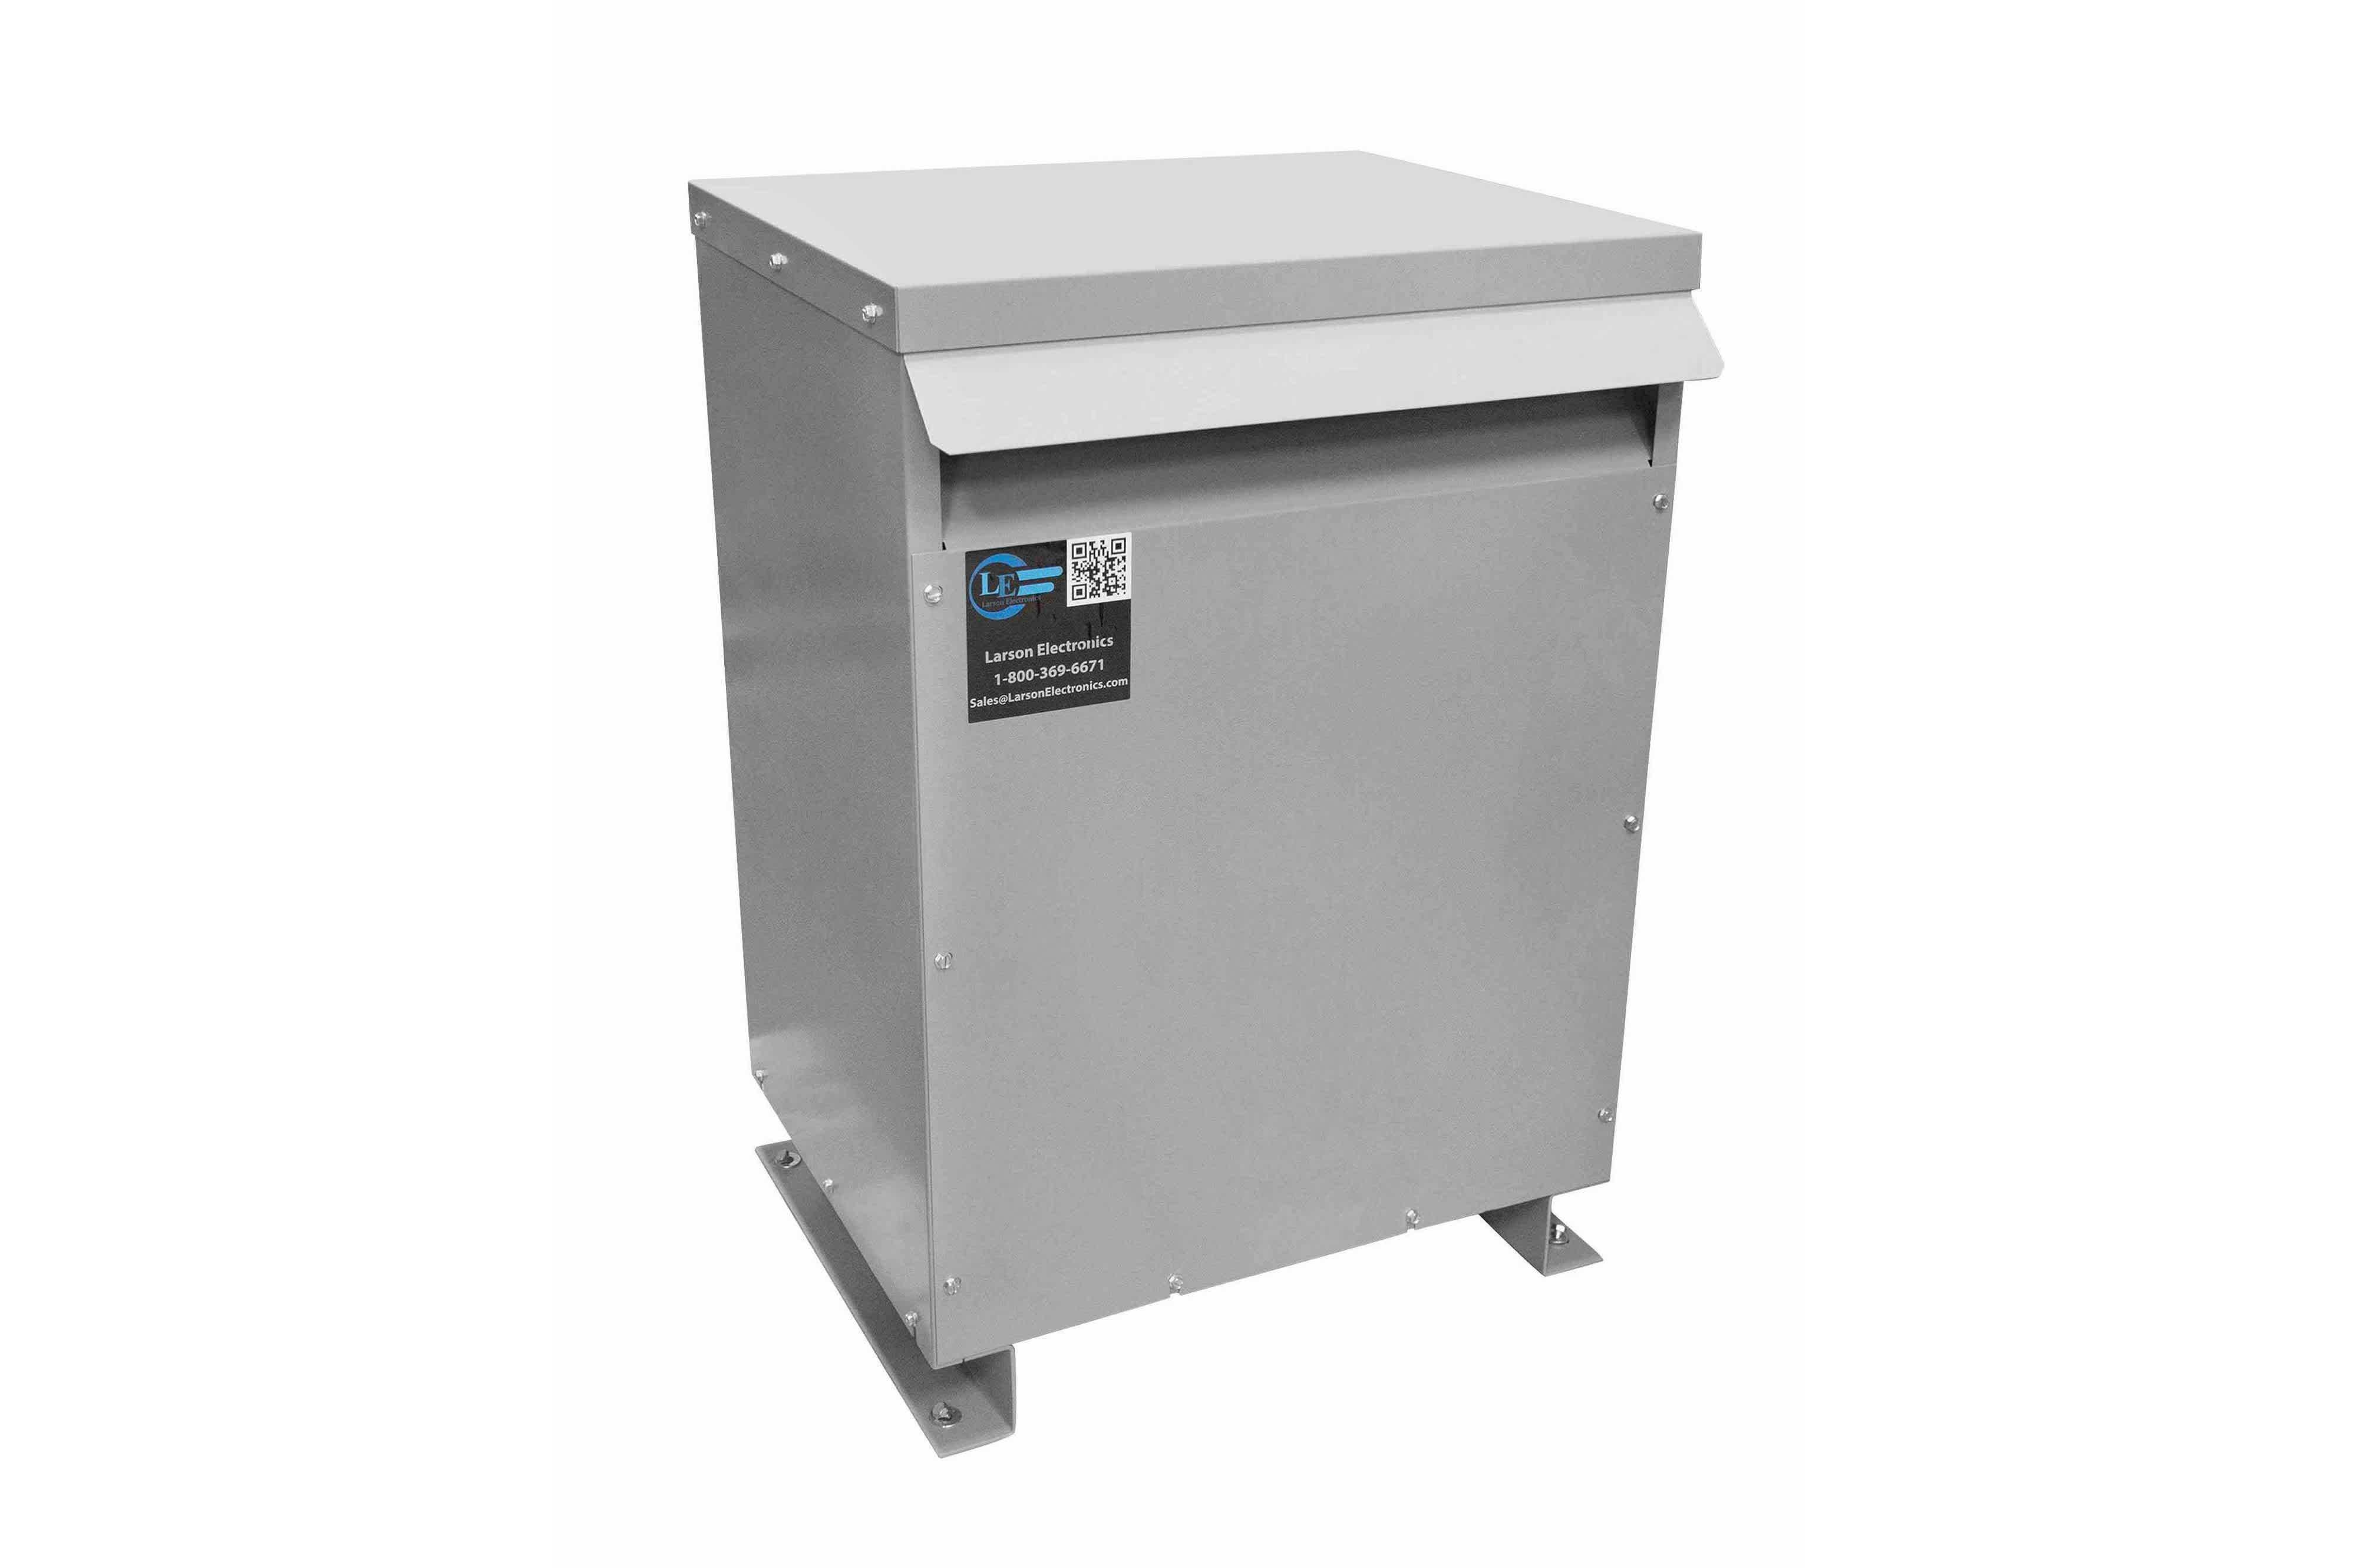 600 kVA 3PH Isolation Transformer, 208V Delta Primary, 208V Delta Secondary, N3R, Ventilated, 60 Hz